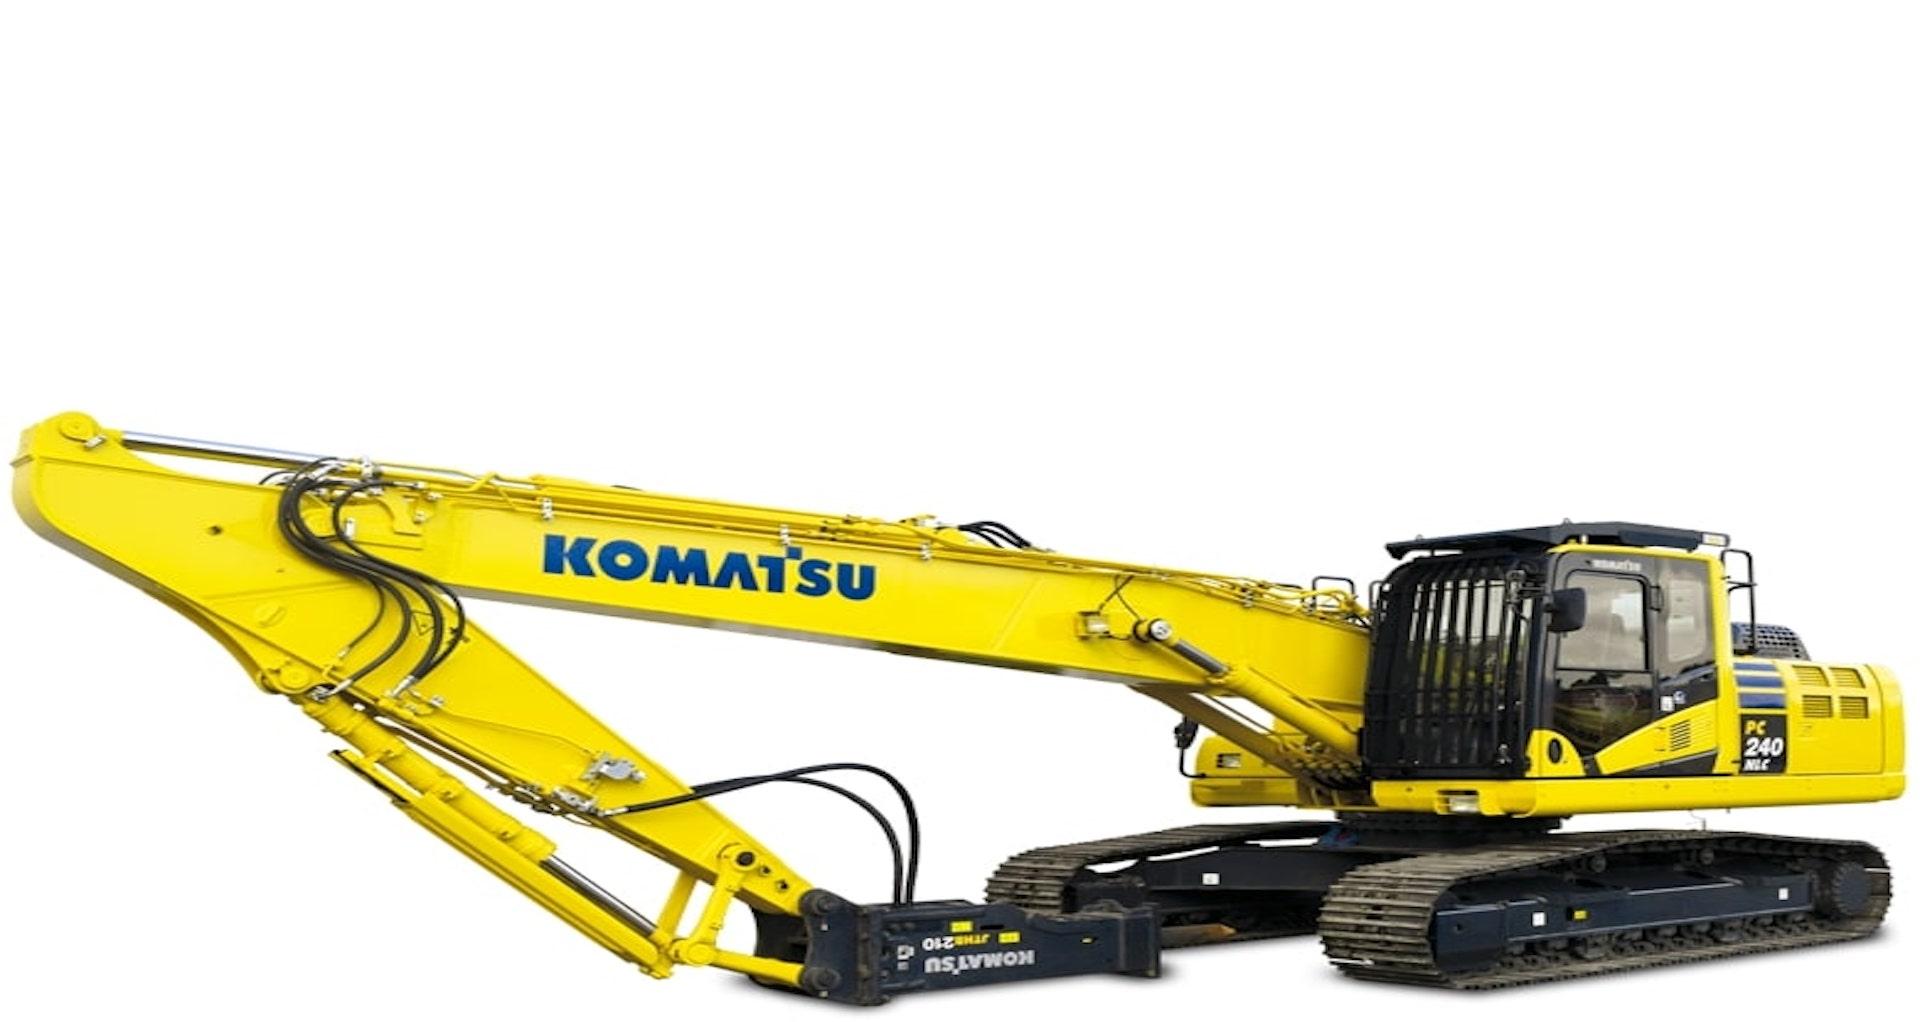 Escavatori da demolizione Komatsu con braccio Monoblocco/rettilineo